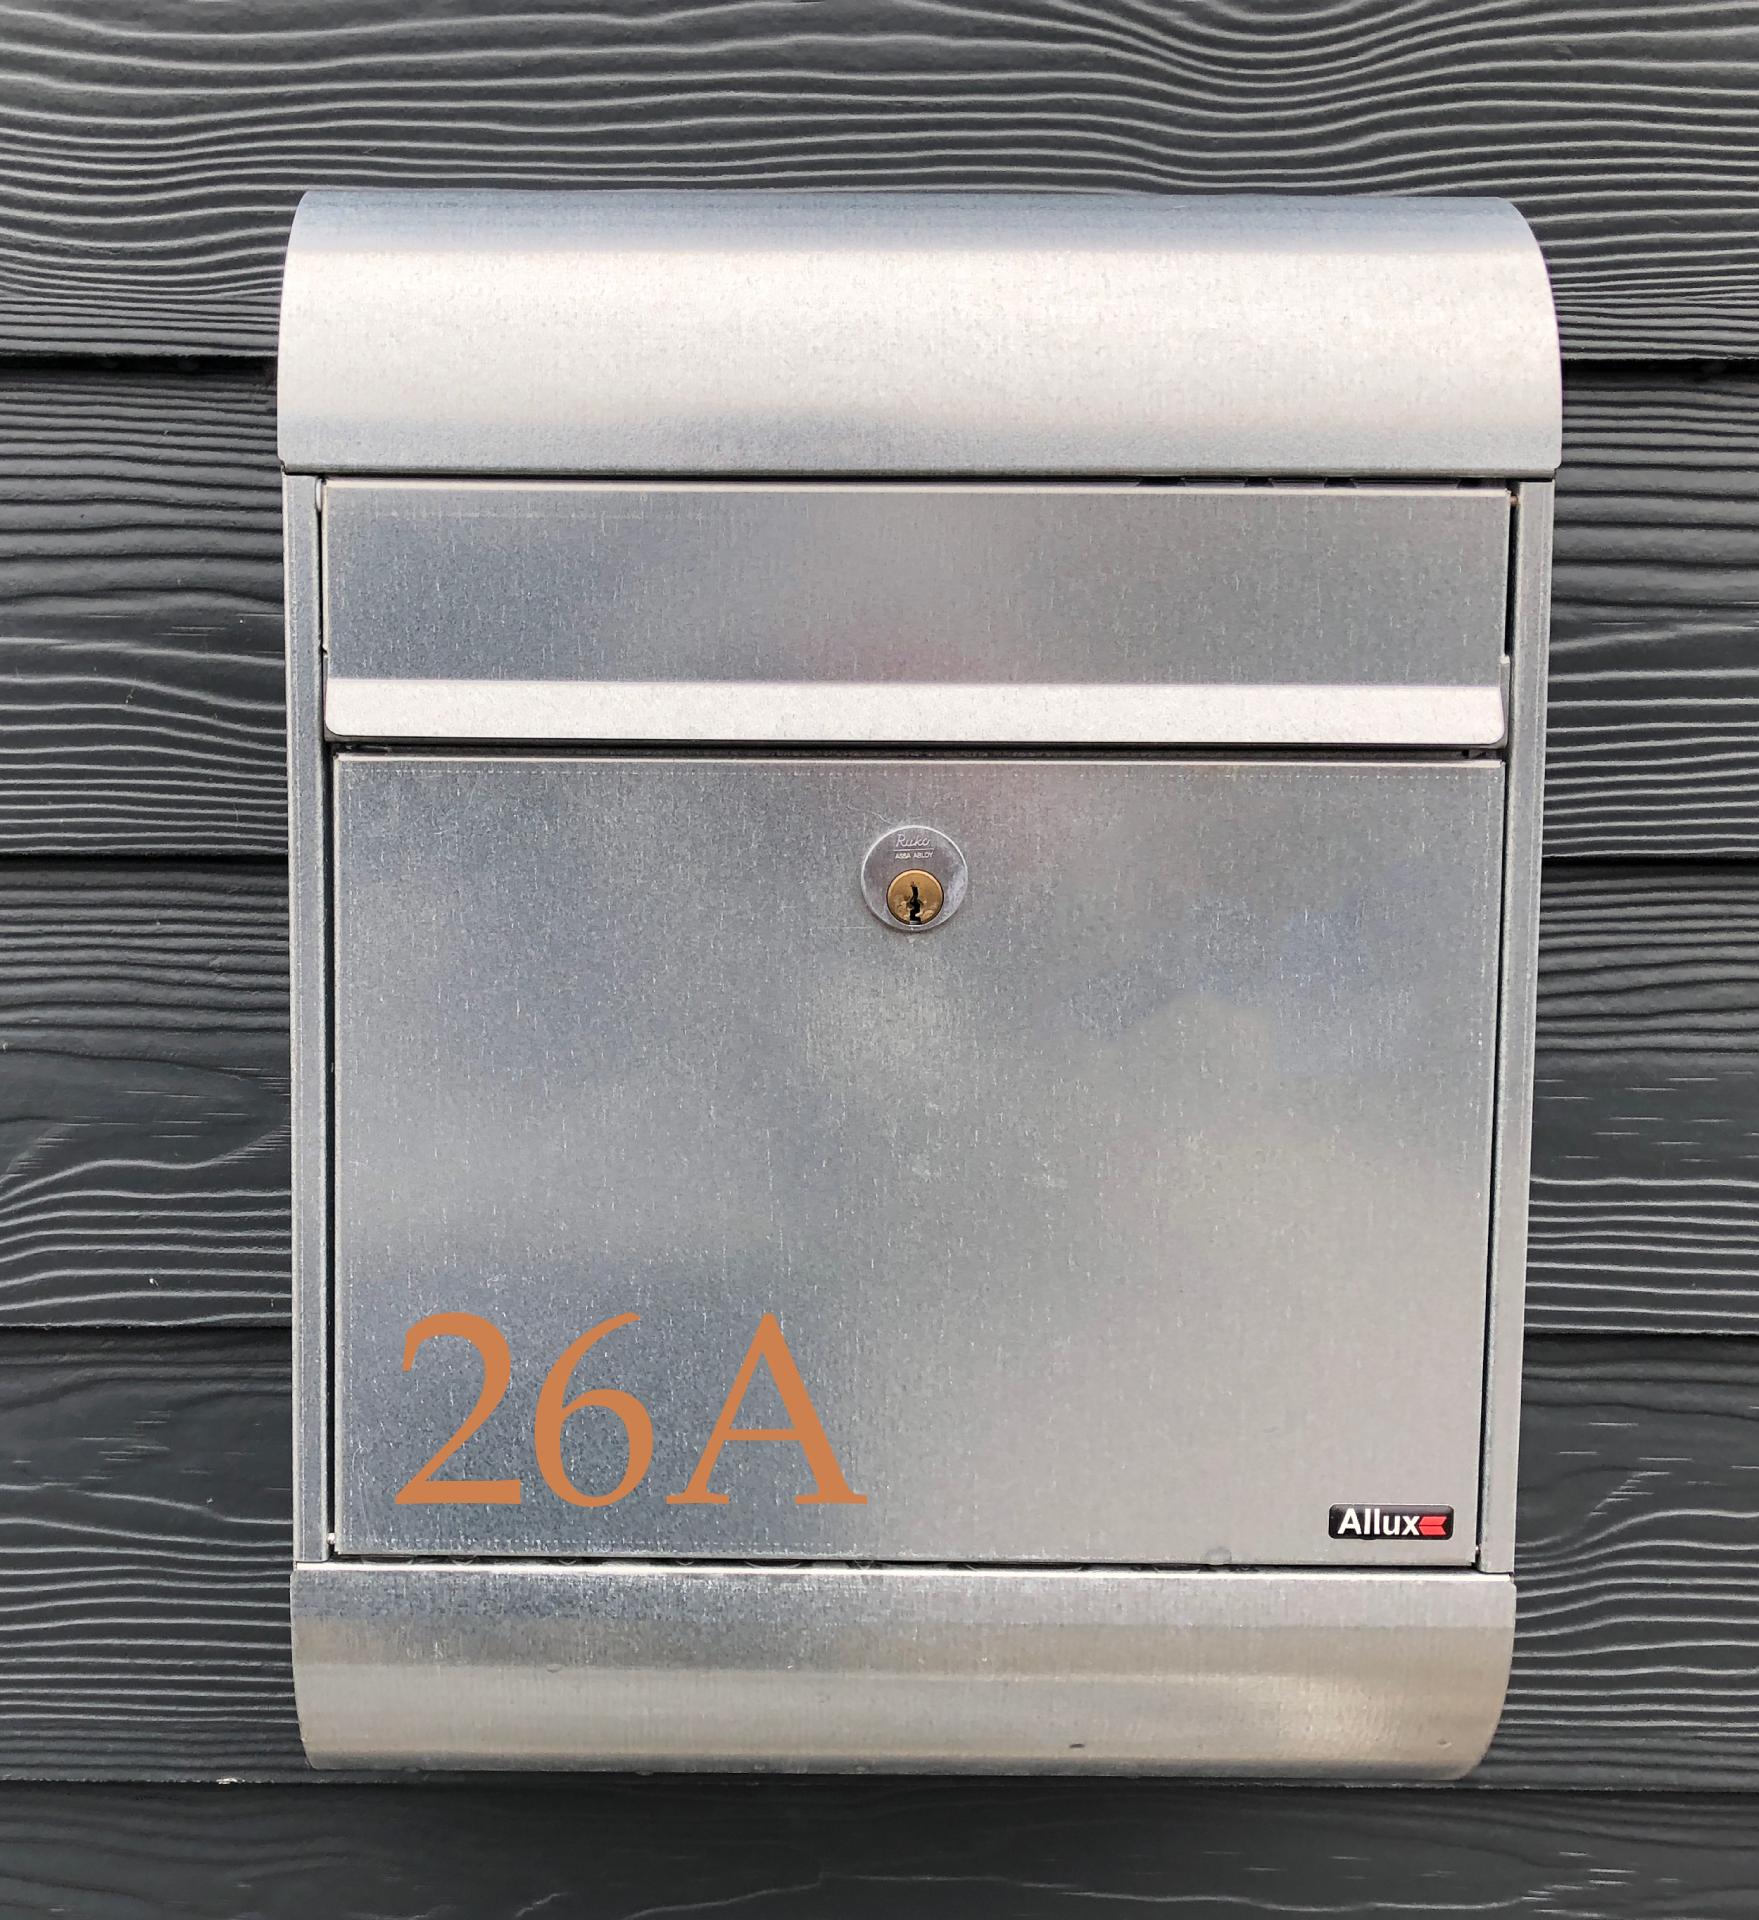 Nye Kobber selvklæbende tal og bogstaver - Kobber tal & bogstaver YI-76